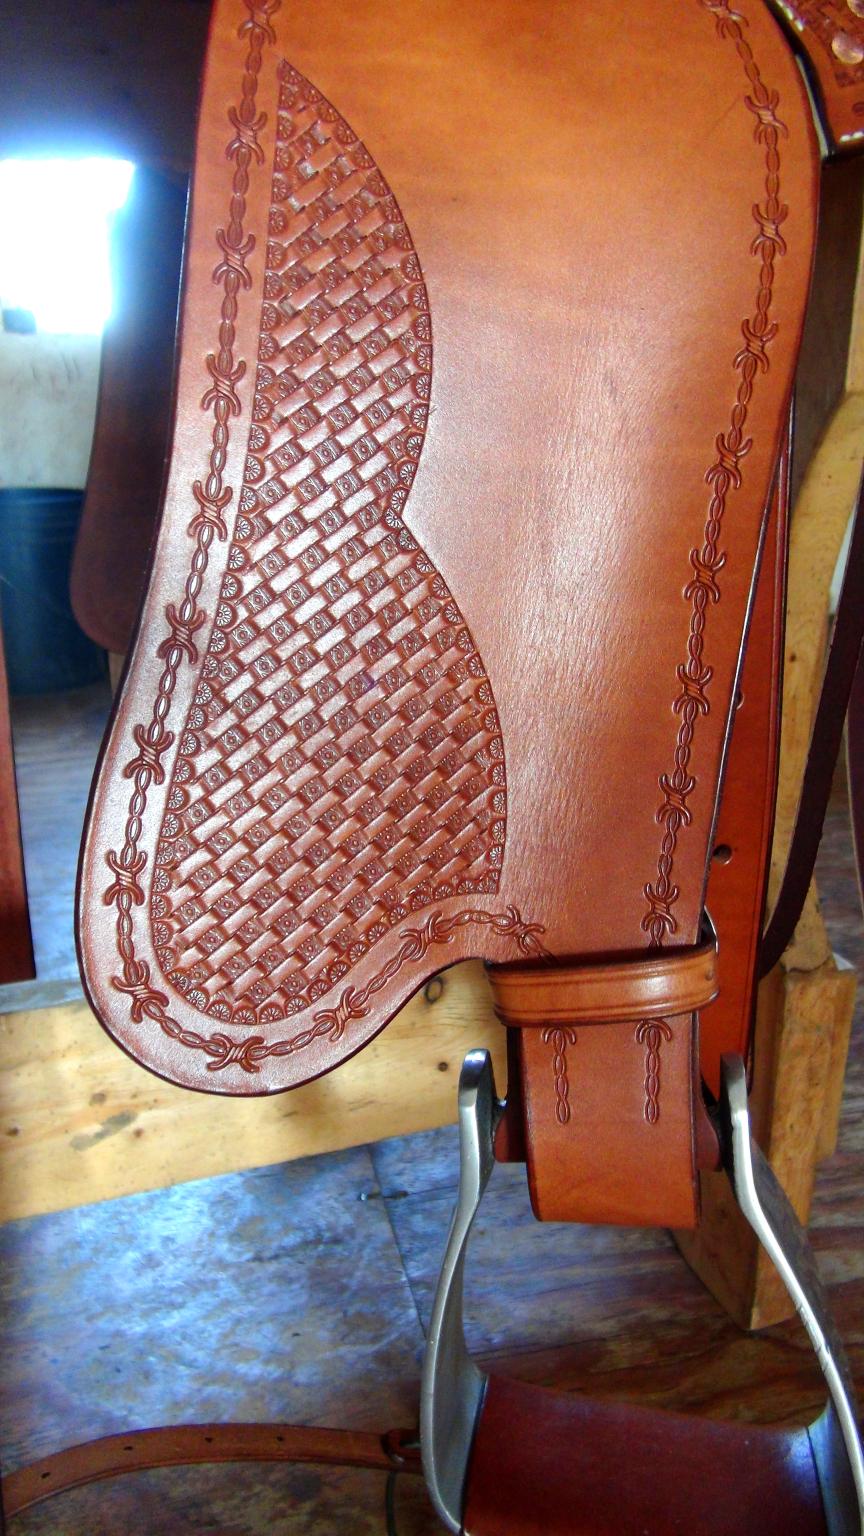 Index of /Saddles-Tack/saddle-photos/Blond-Saddle-gaited-mule-horse